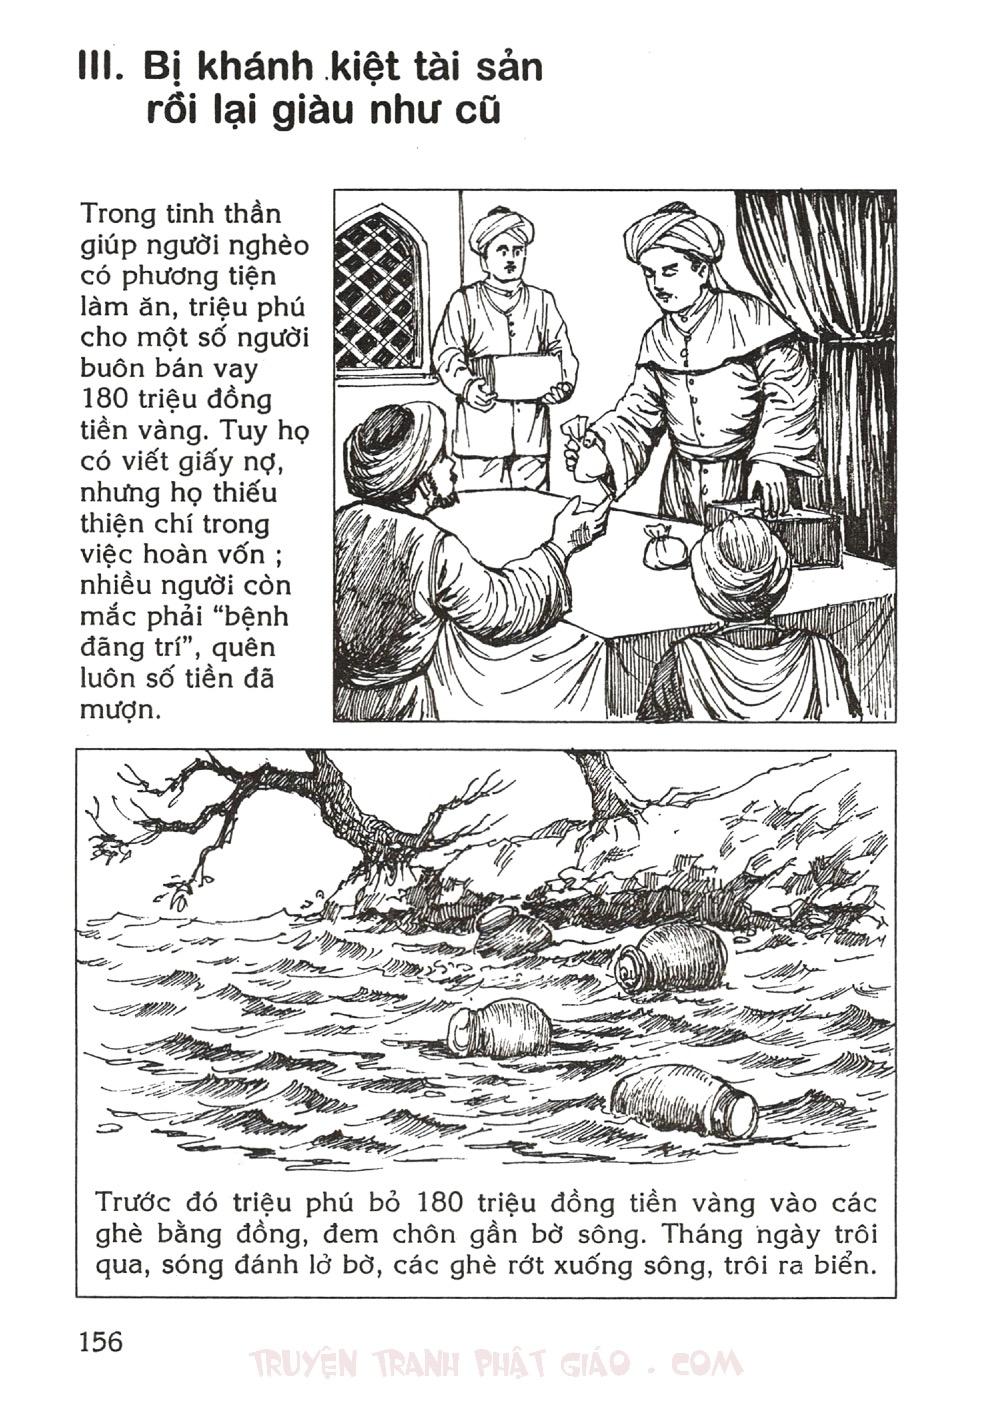 Thập Đại Đệ Tử - Cấp Cô Độc